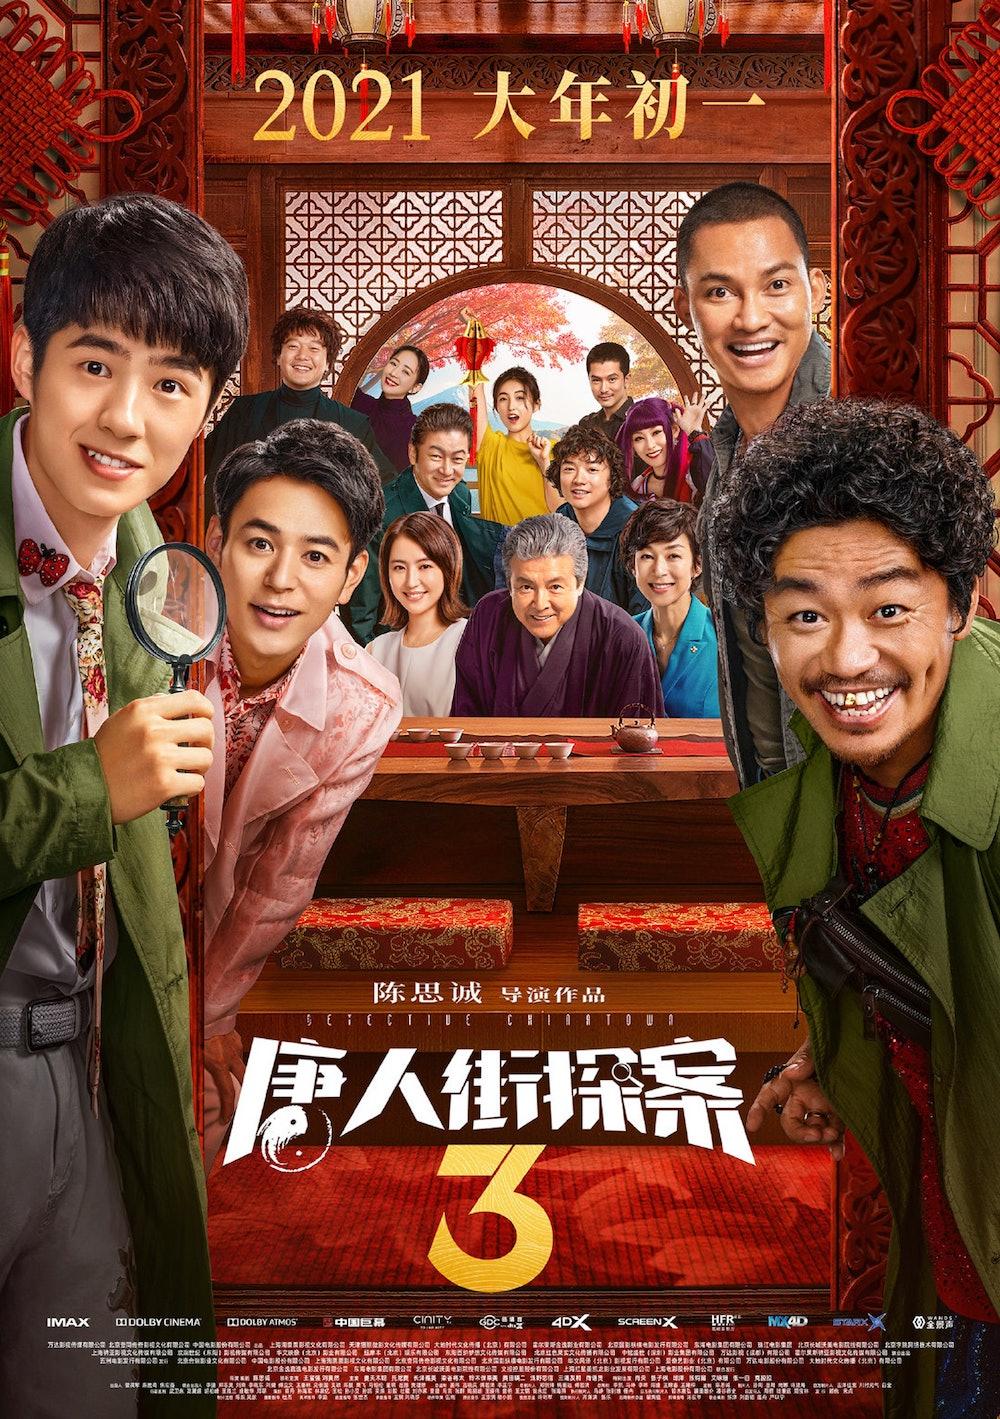 《唐人街探案3》电影海报。 (网络图片)